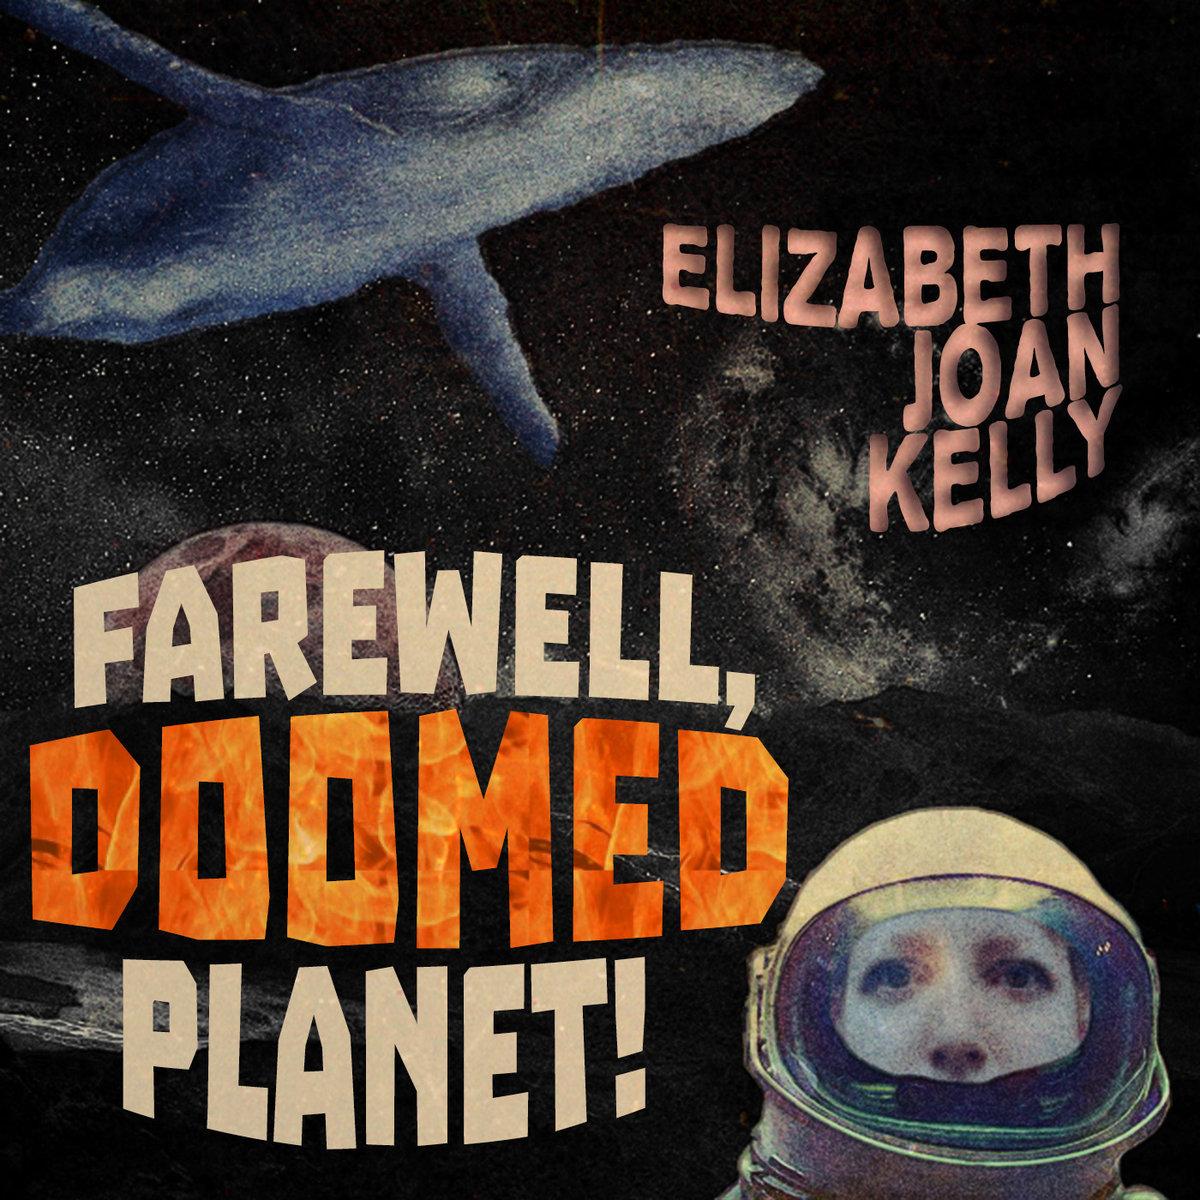 Elizabeth Joan Kelly - Farewell Doomed Planet